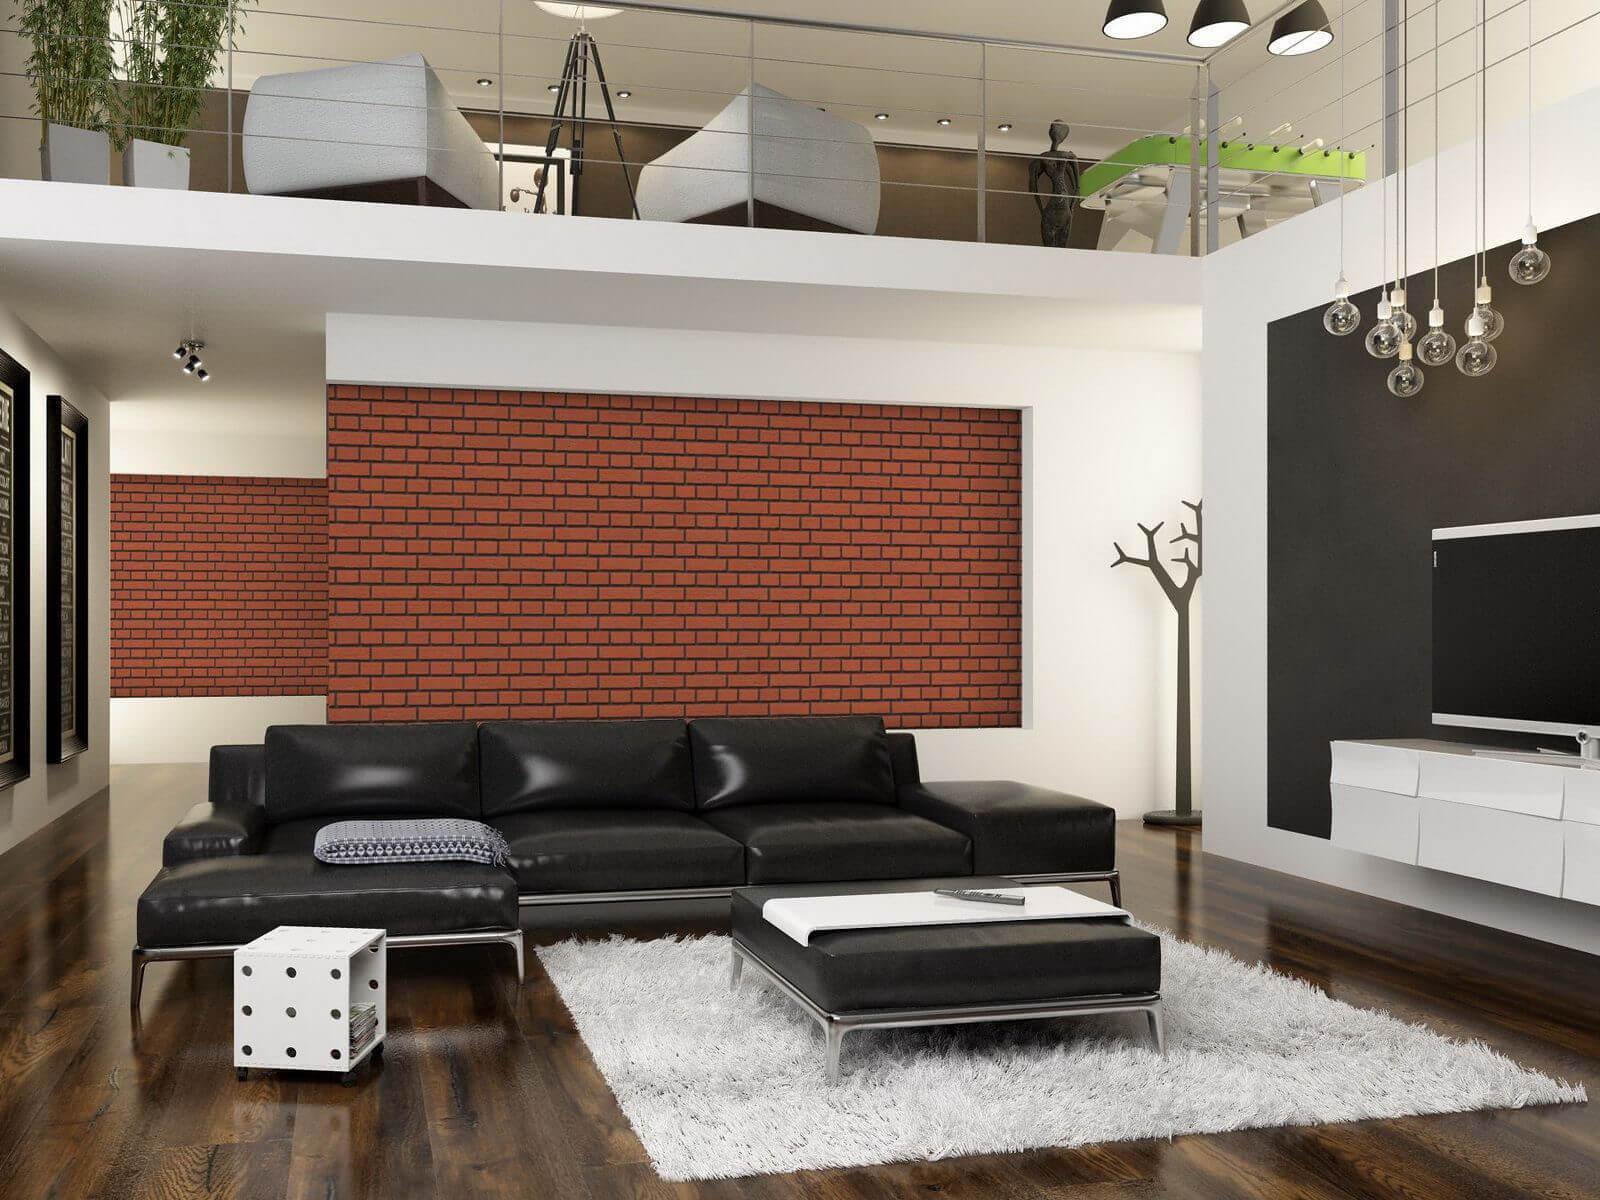 Feldhaus Klinker - R487NF9, Classic Terreno Rustico, 240x9x71 - Клинкерная плитка для фасада и внутренней отделки